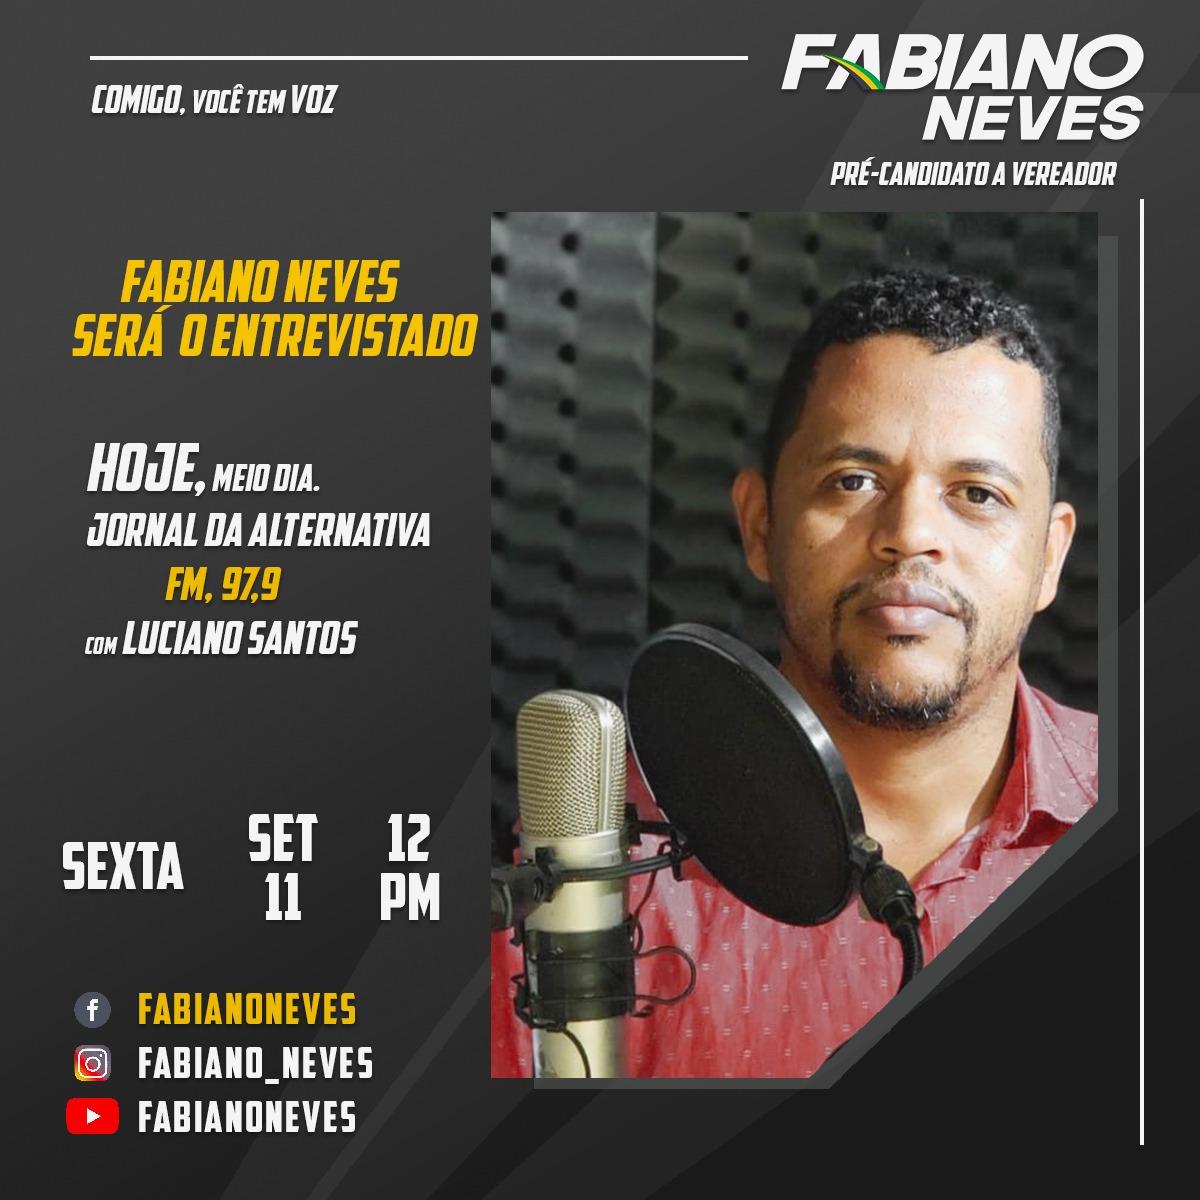 Brumado: pré-candidato a vereador, Fabiano Neves será entrevistado nesta sexta (11) na Rádio Alternativa